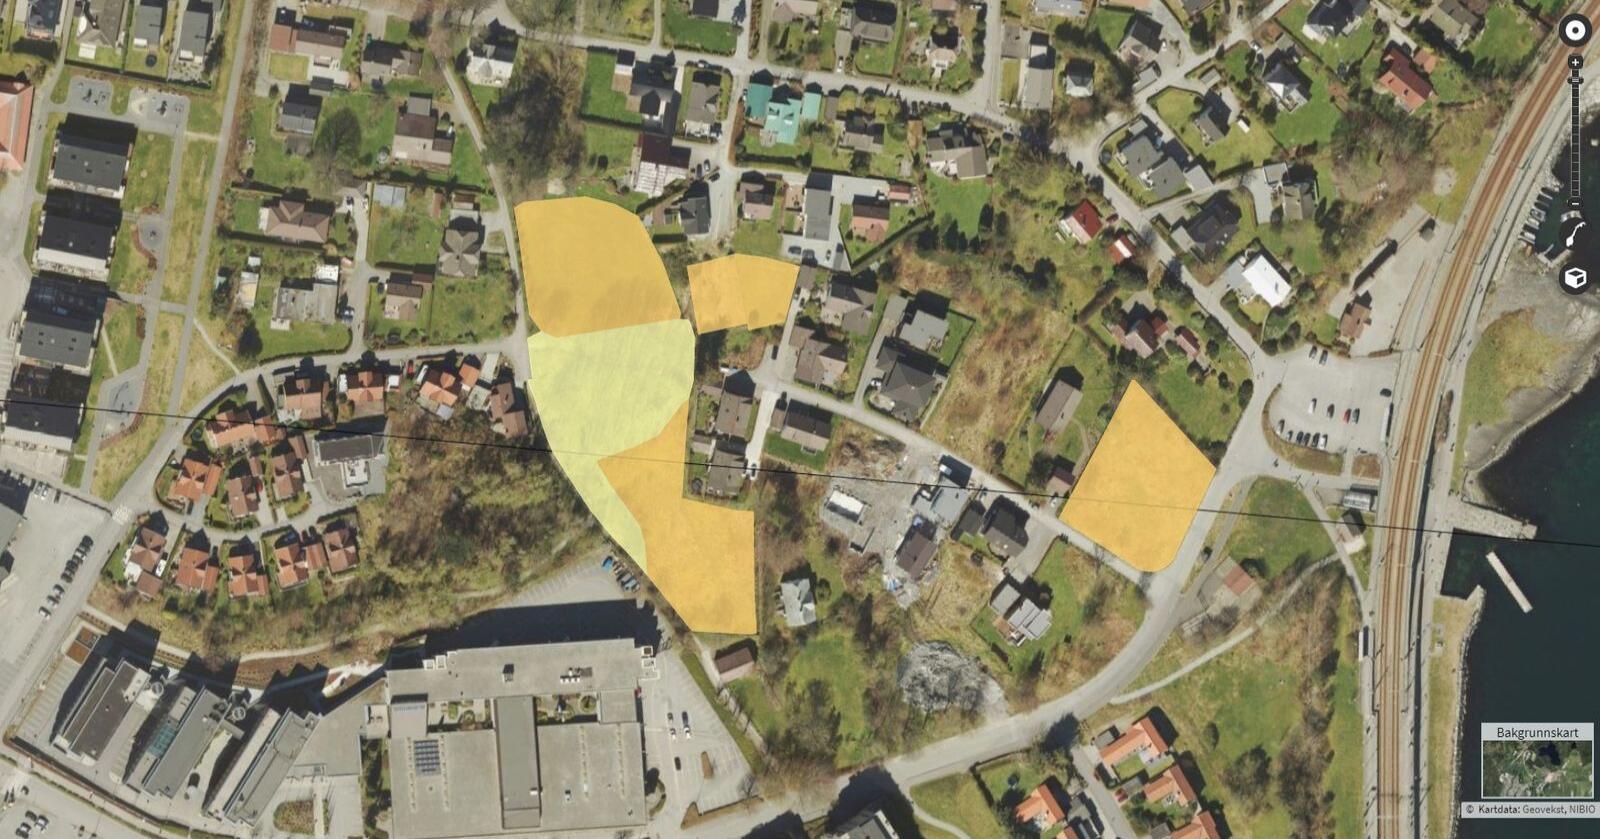 Jordbruksareal: Midt i Stavanger ved togstasjonen på Mariero er det ført opp 7,8 dekar fulldyrka jord (farga oransje) og 2,9 dekar innmarksbeite (farga gult). Jorda er regulert til park og utbyggingsformål. Tomter blei skilt ut og hus bygd for rundt 50 år sidan. Foto: AR5-kartet til Nibio